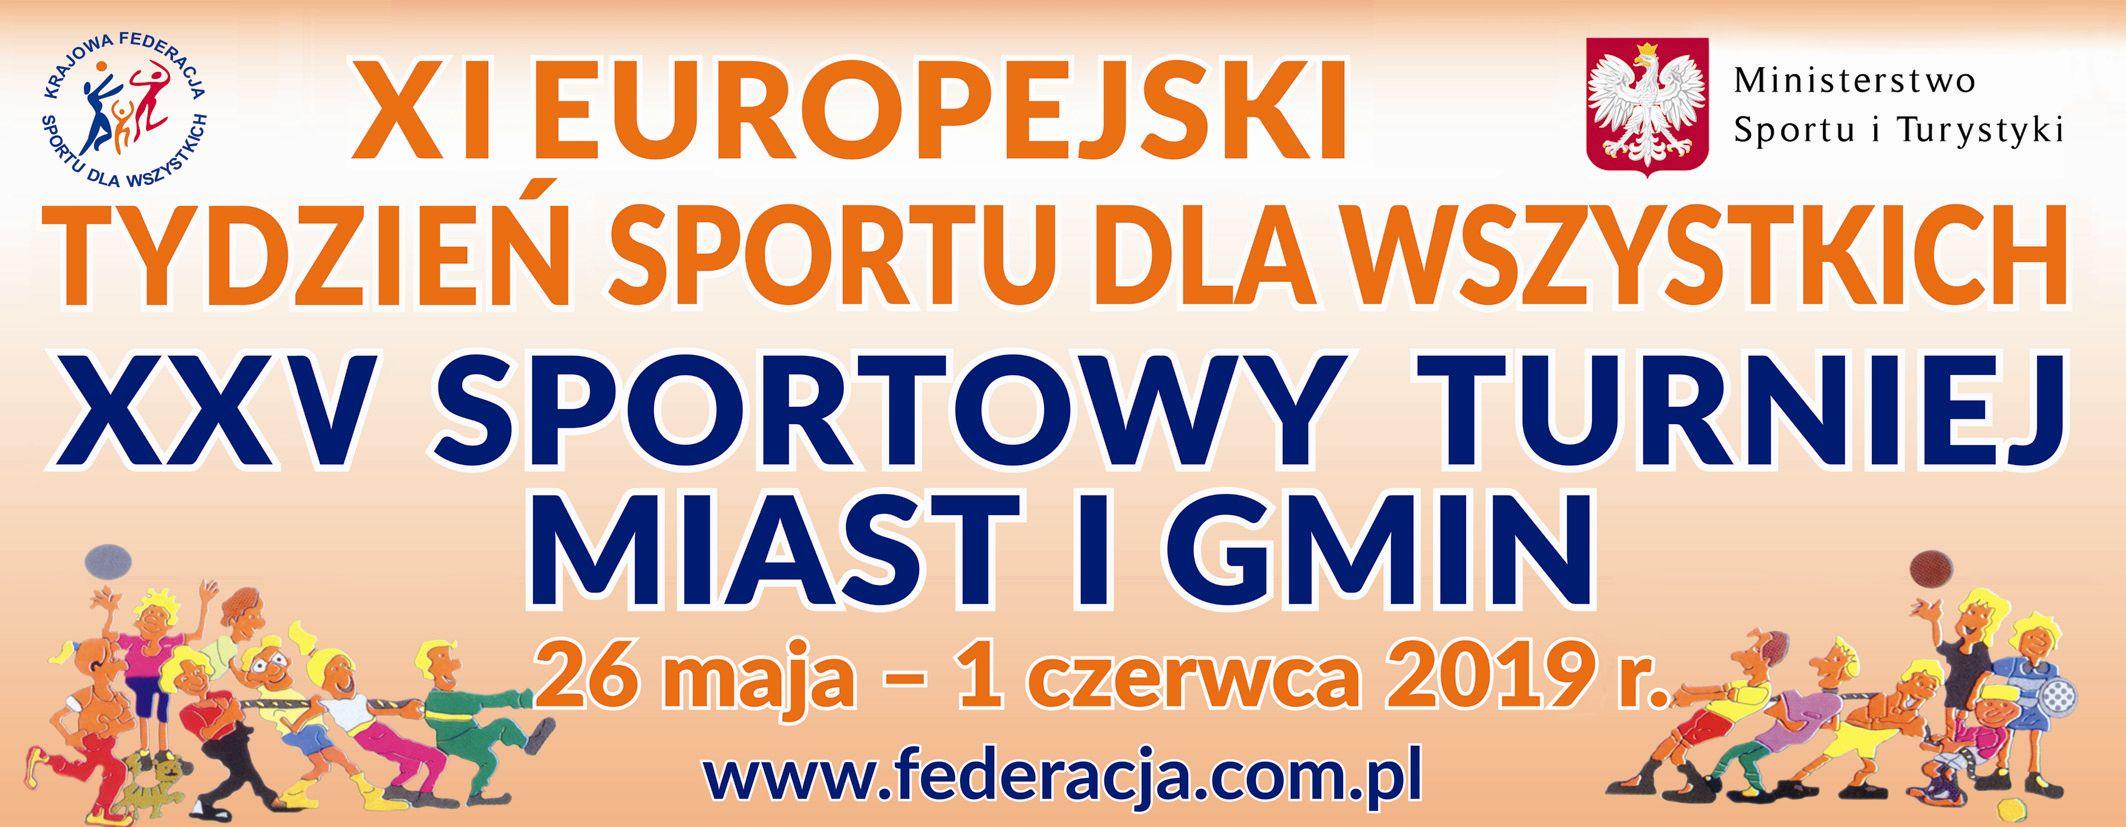 XXV Sportowy Turniej Miast i Gmin-XI Europejski Tydzień Sportu